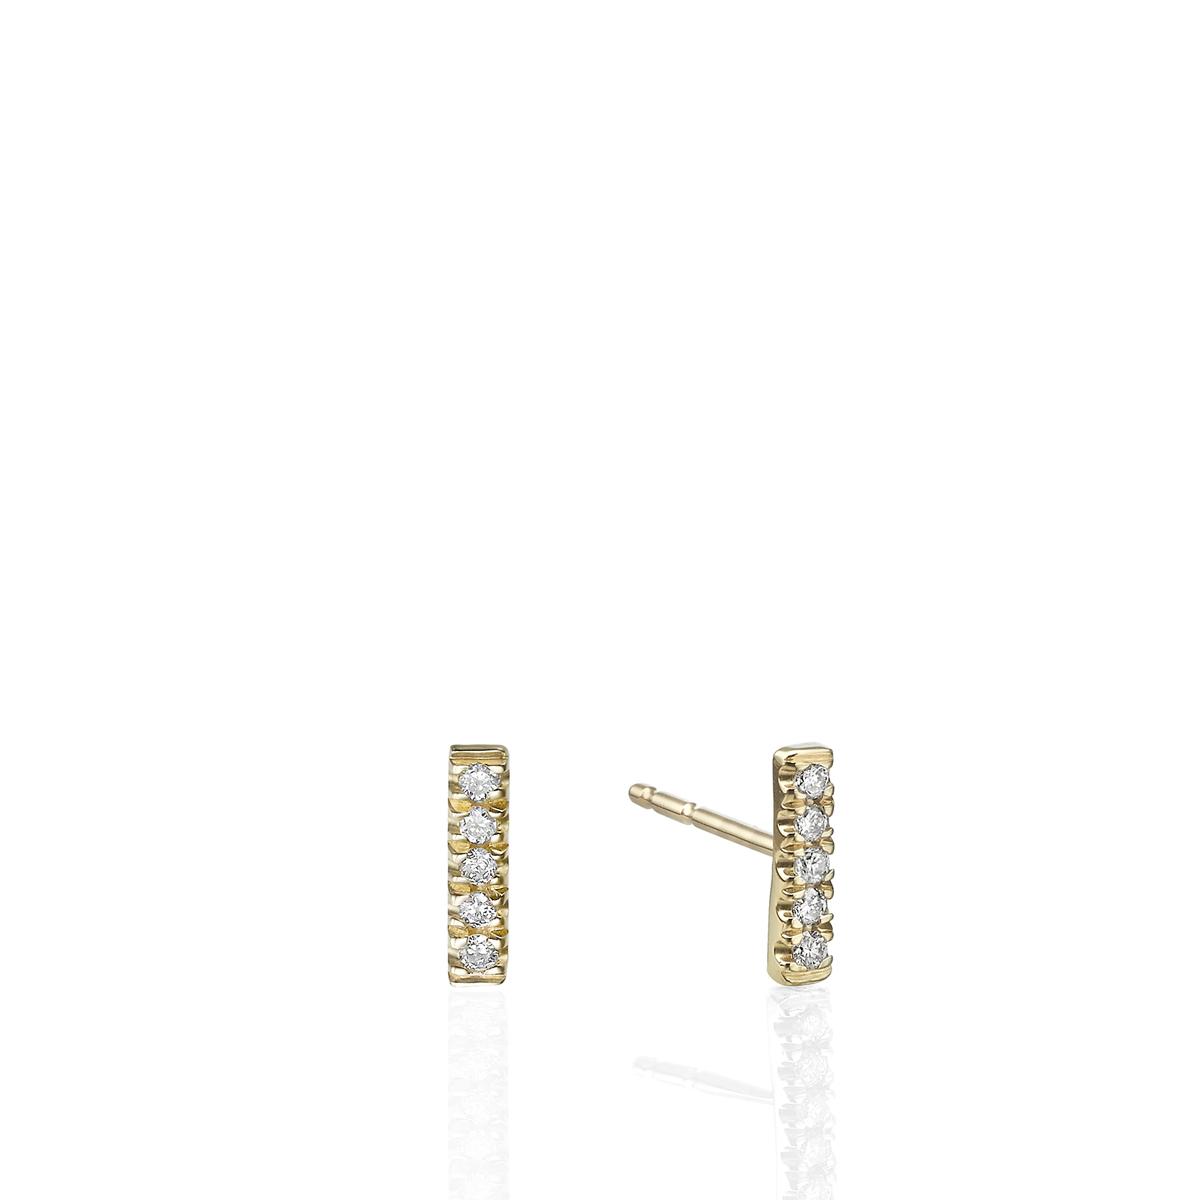 עגילי פס יהלומים קטנים צמודים